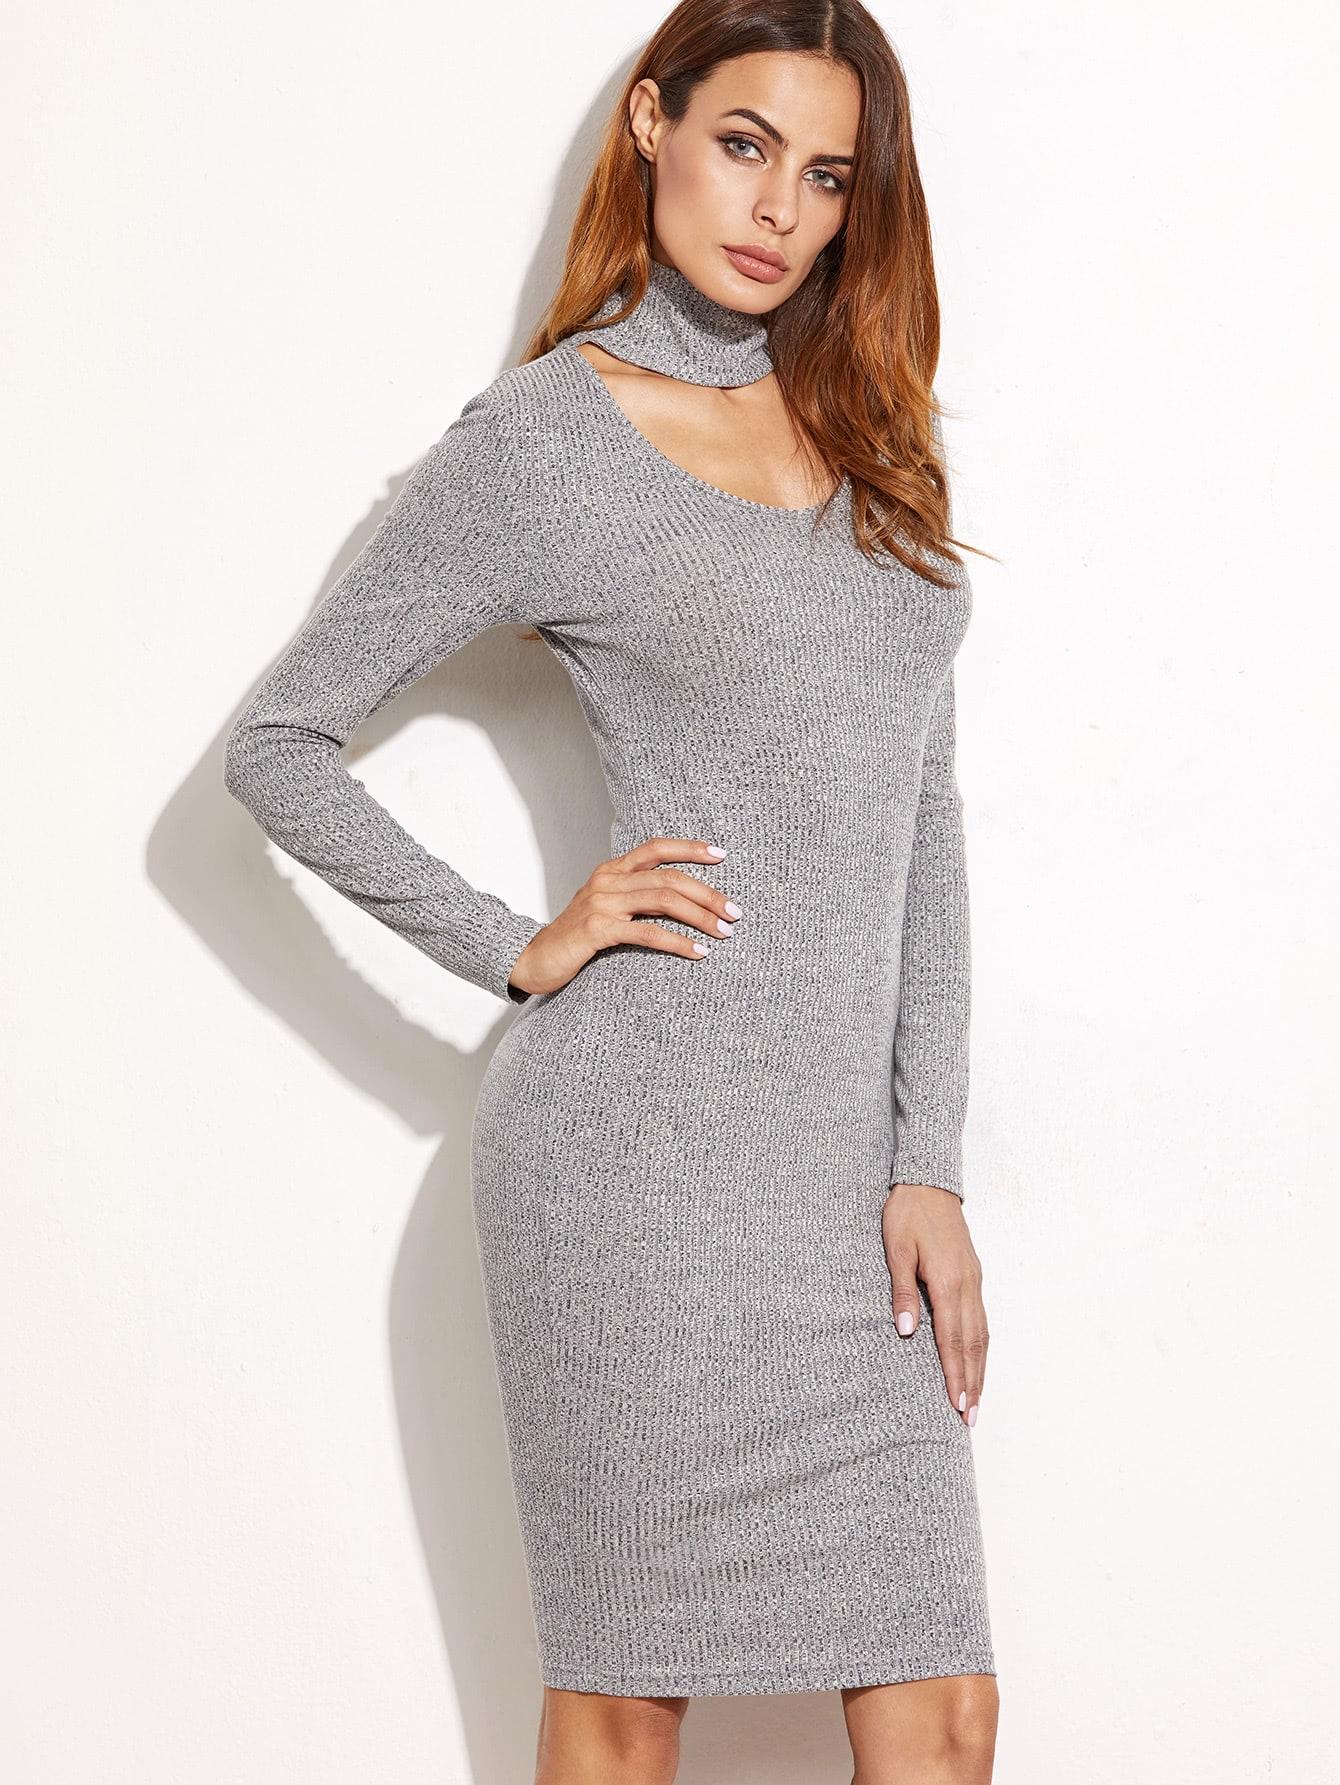 Фото Cutout Choker Neckline Ribbed Knit Dress. Купить с доставкой